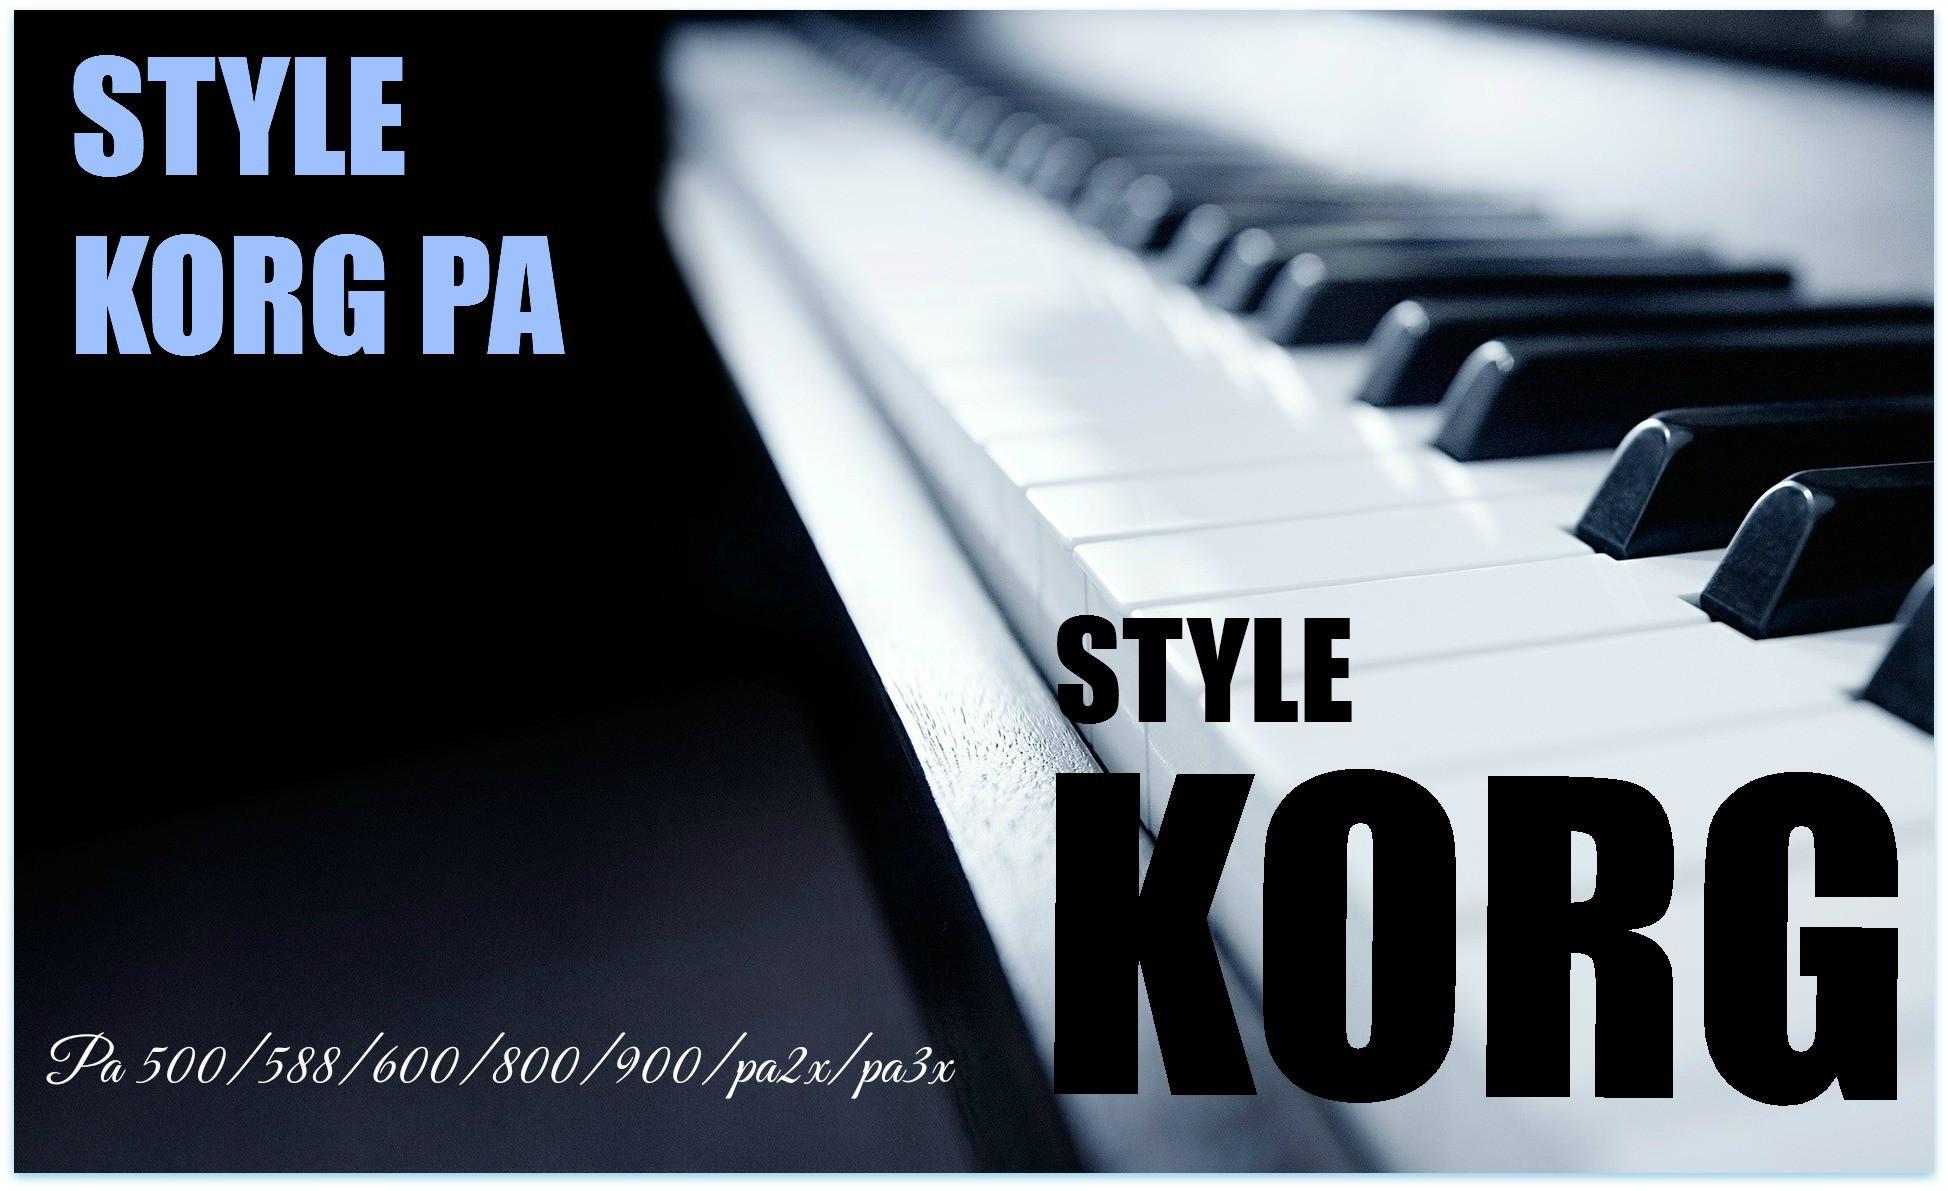 Styles For Korg Pa | Korg Styles